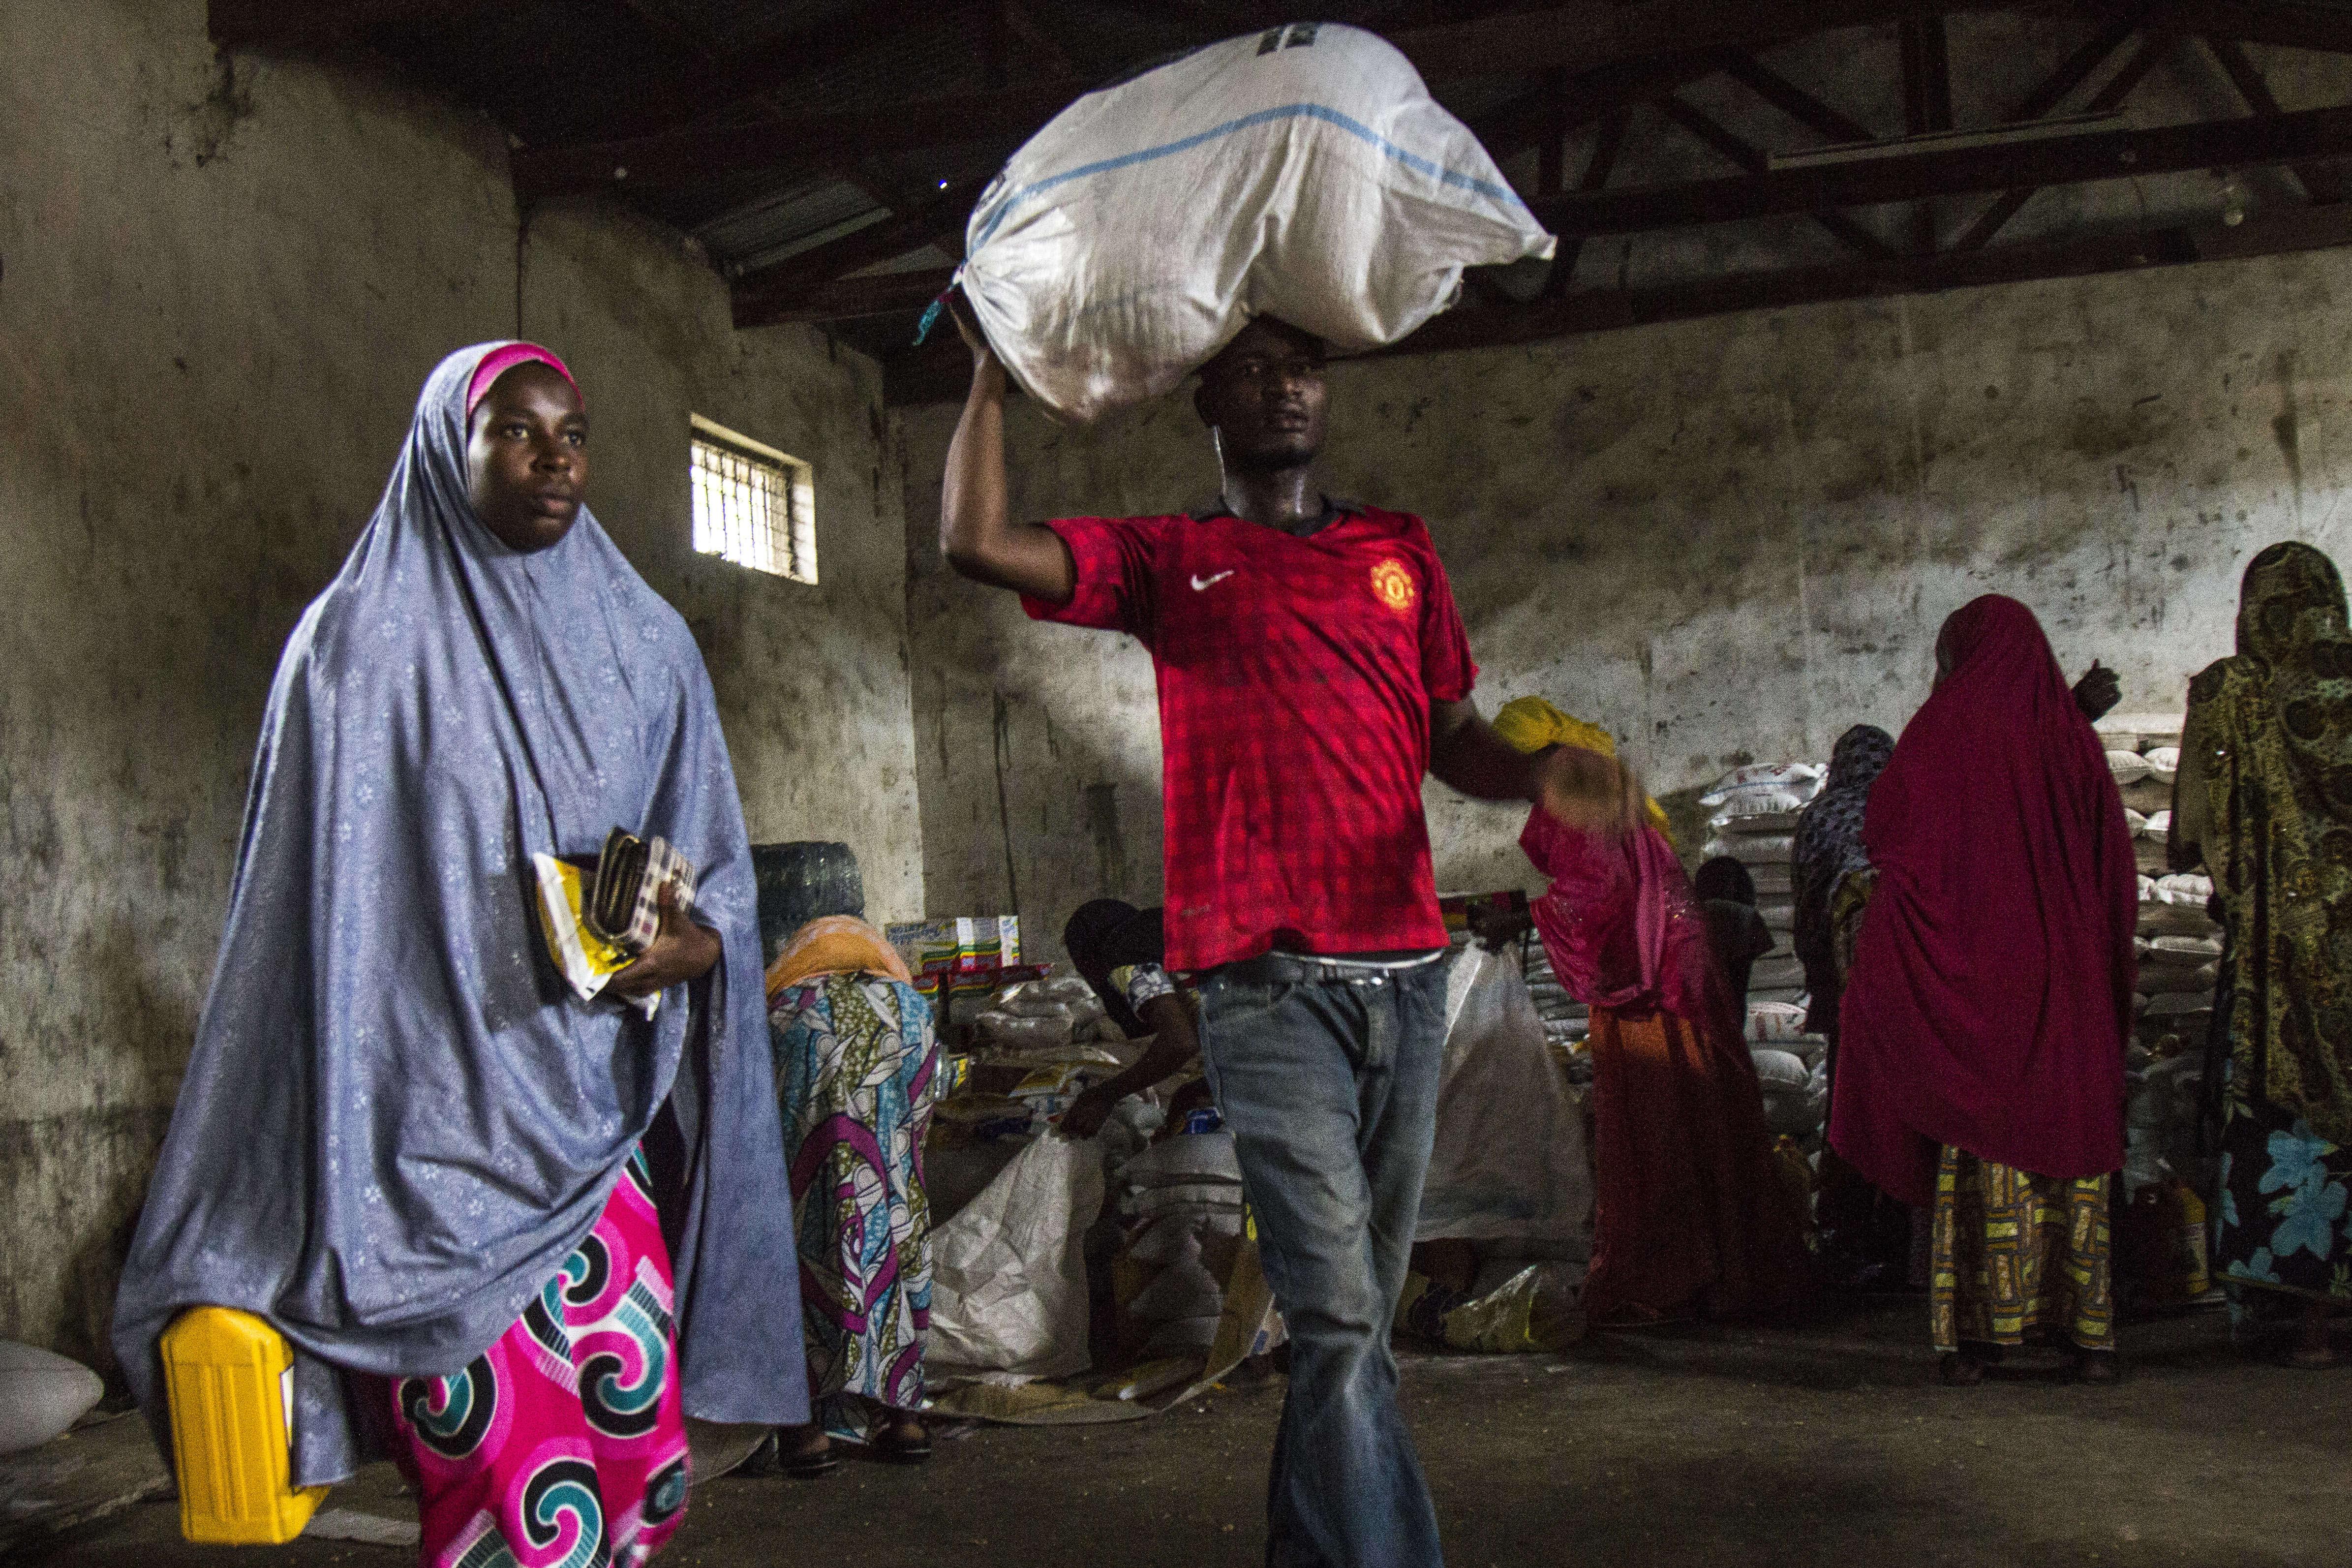 Centre de distribution du CICR à Maiduguri. Depuis le début du conflit, un nombre croissant de veuves mendient dans les rues. Elles comptent parmi les plus vulnérables. Grâce au soutien de plusieurs acteurs humanitaires, comme le CICR, elles reçoivent une aide alimentaire durant six mois et un soutien pour créer leurs microprojets générateurs de revenus.